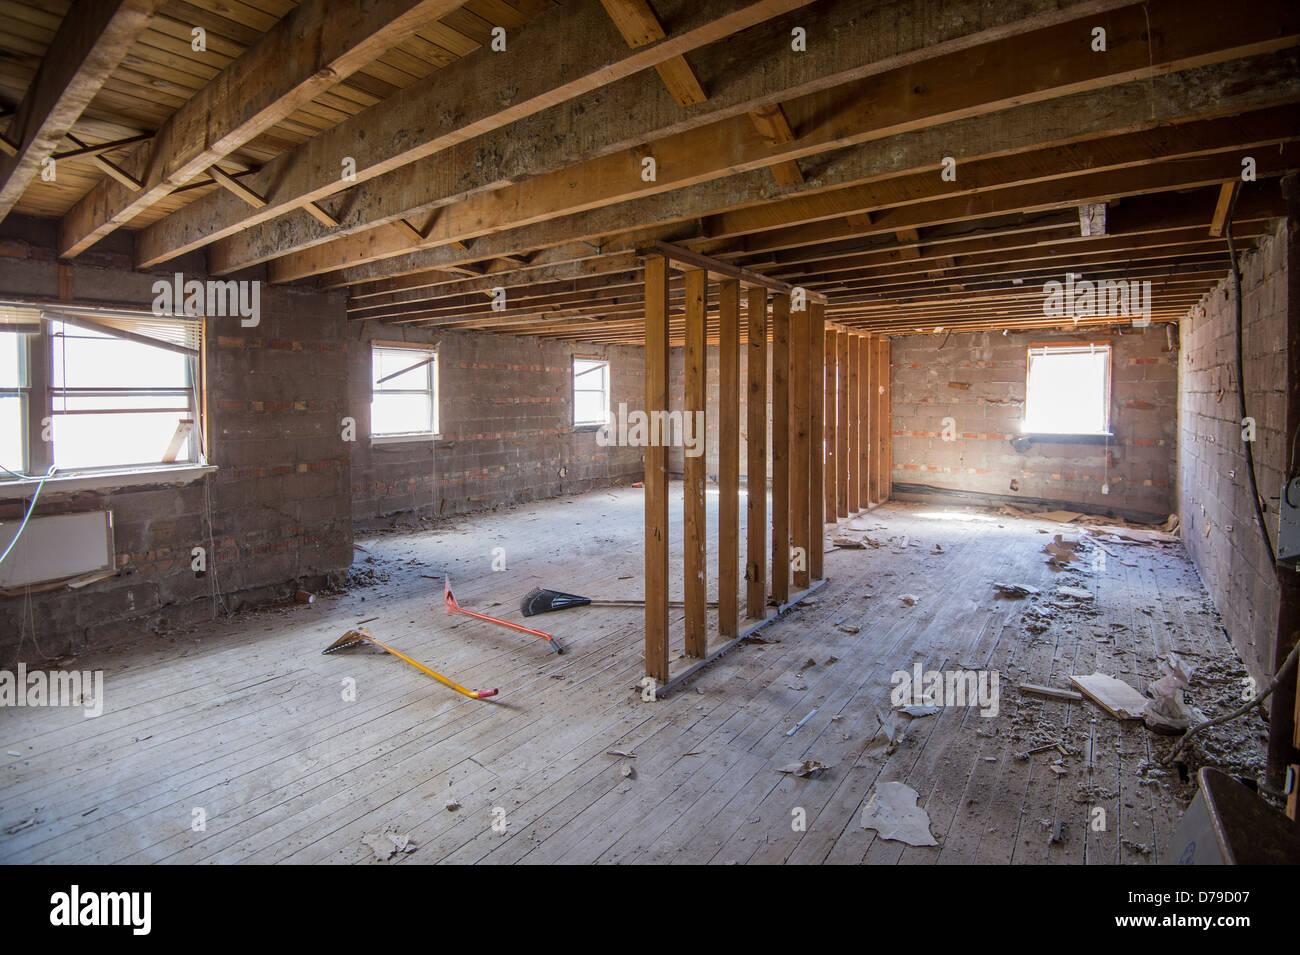 Hervorragend Im Haus wird entkernt und renoviert Stockfoto, Bild: 56141463 - Alamy TV82